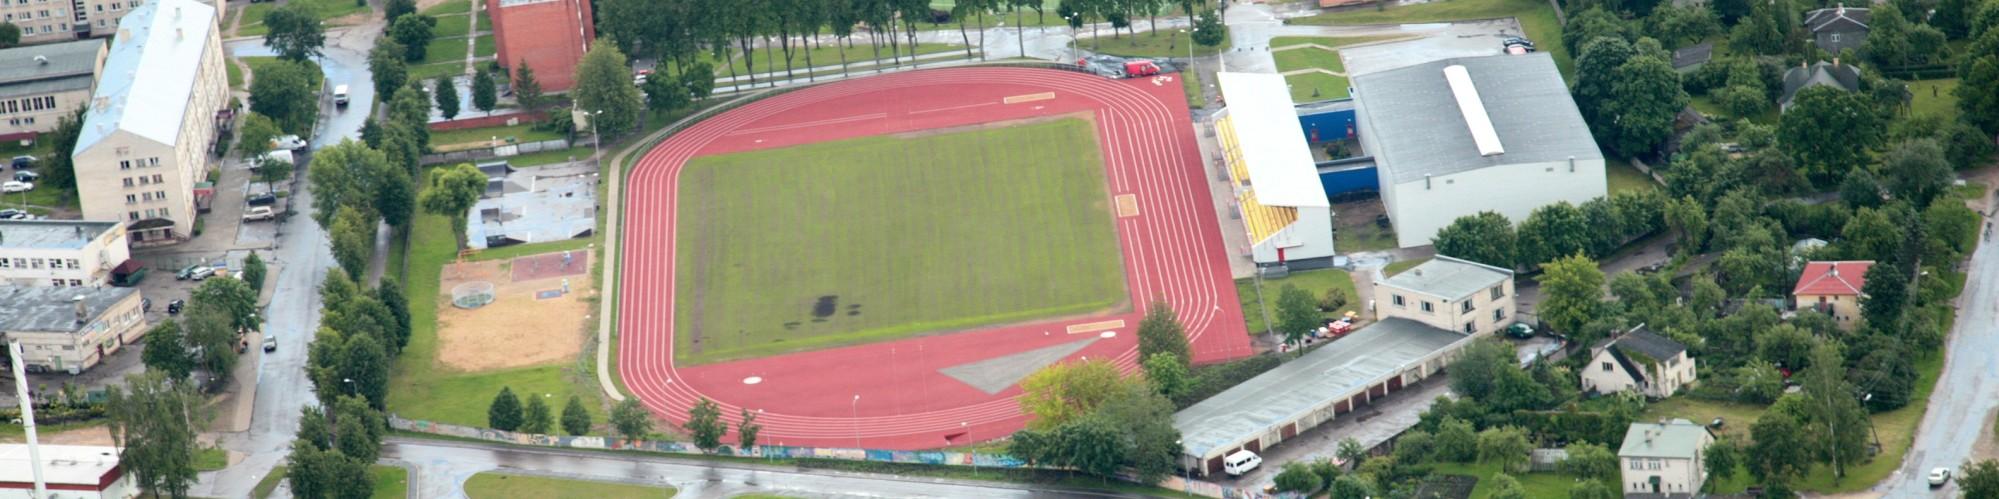 Ogres novada sporta centrs